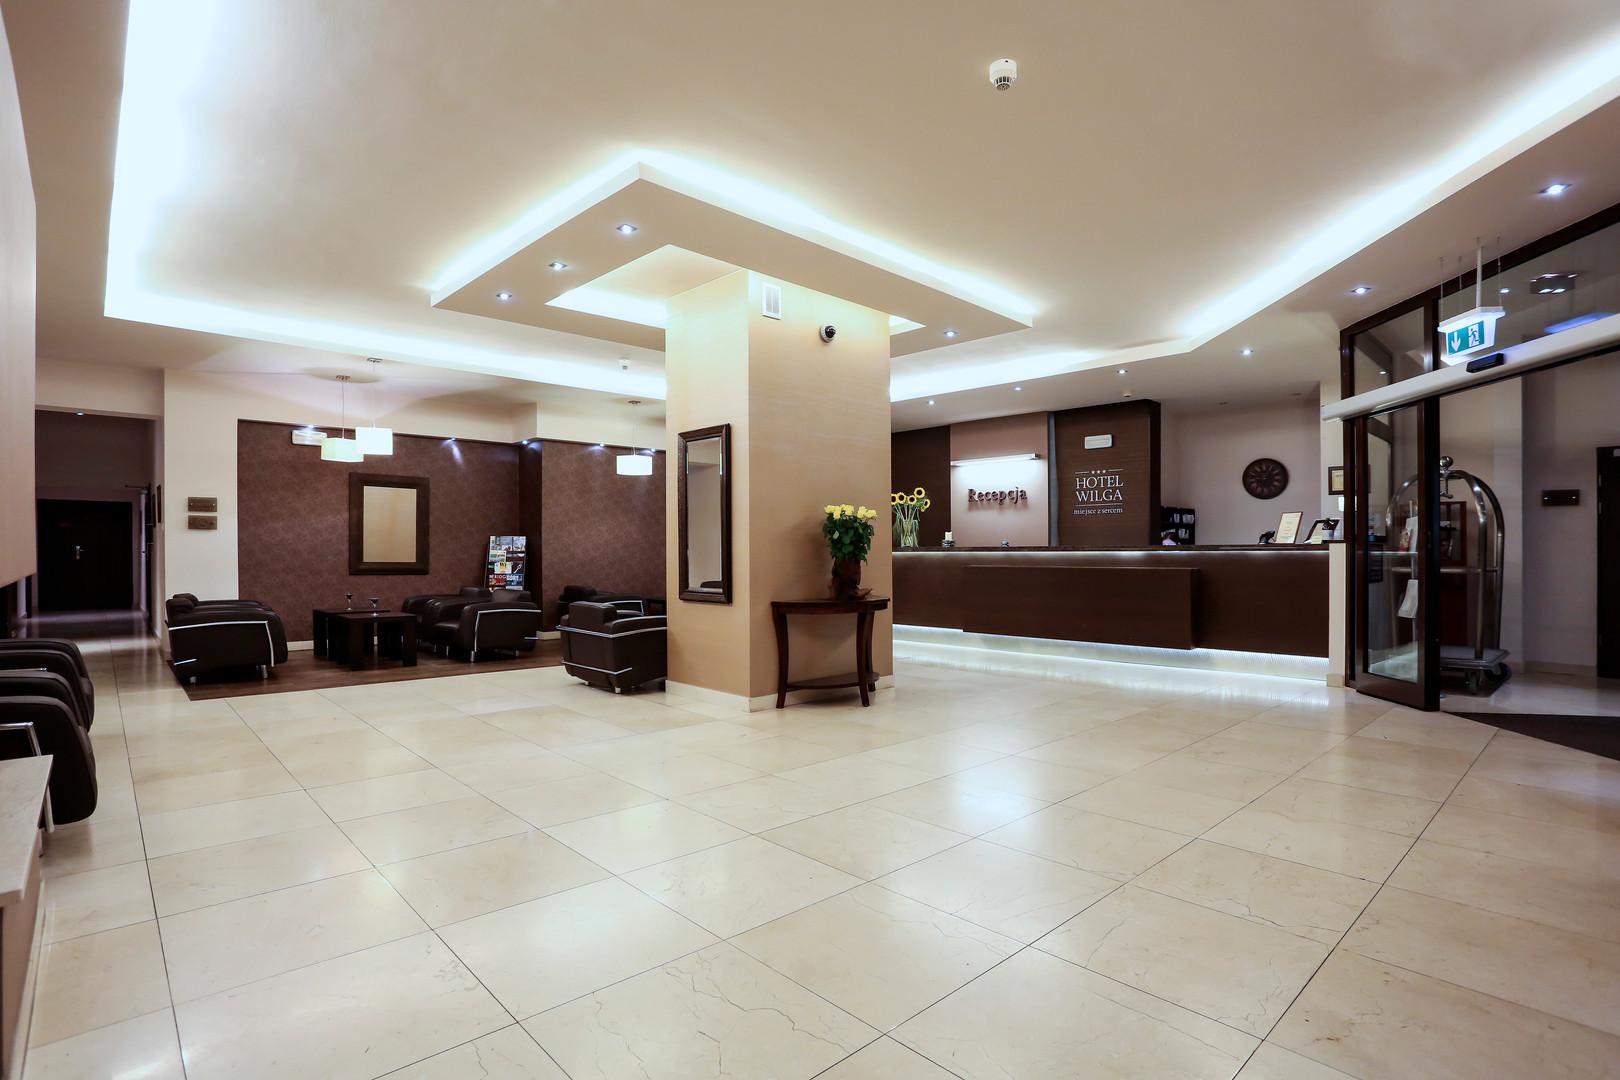 hotel_wilga3.jpg